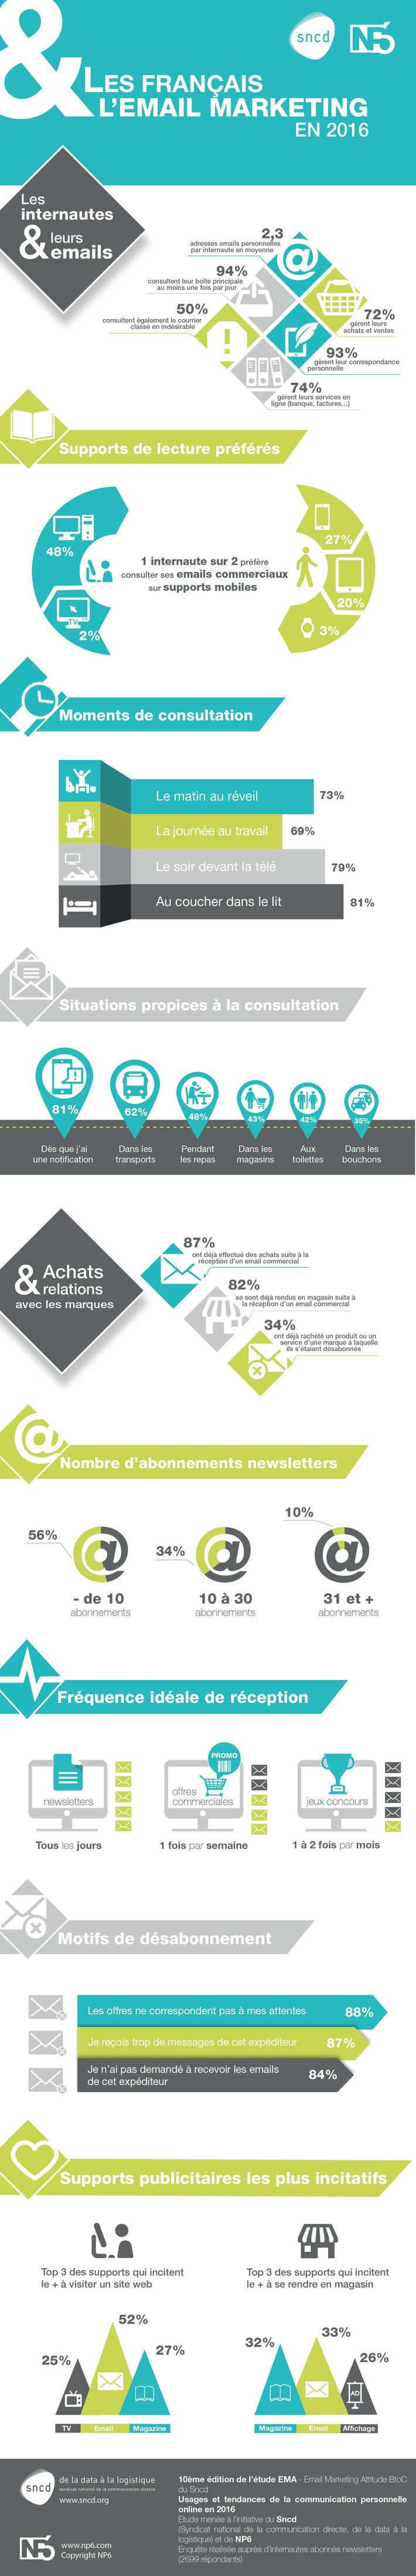 [Infographie] Les Français et leurs emails | Solutions locales | Scoop.it